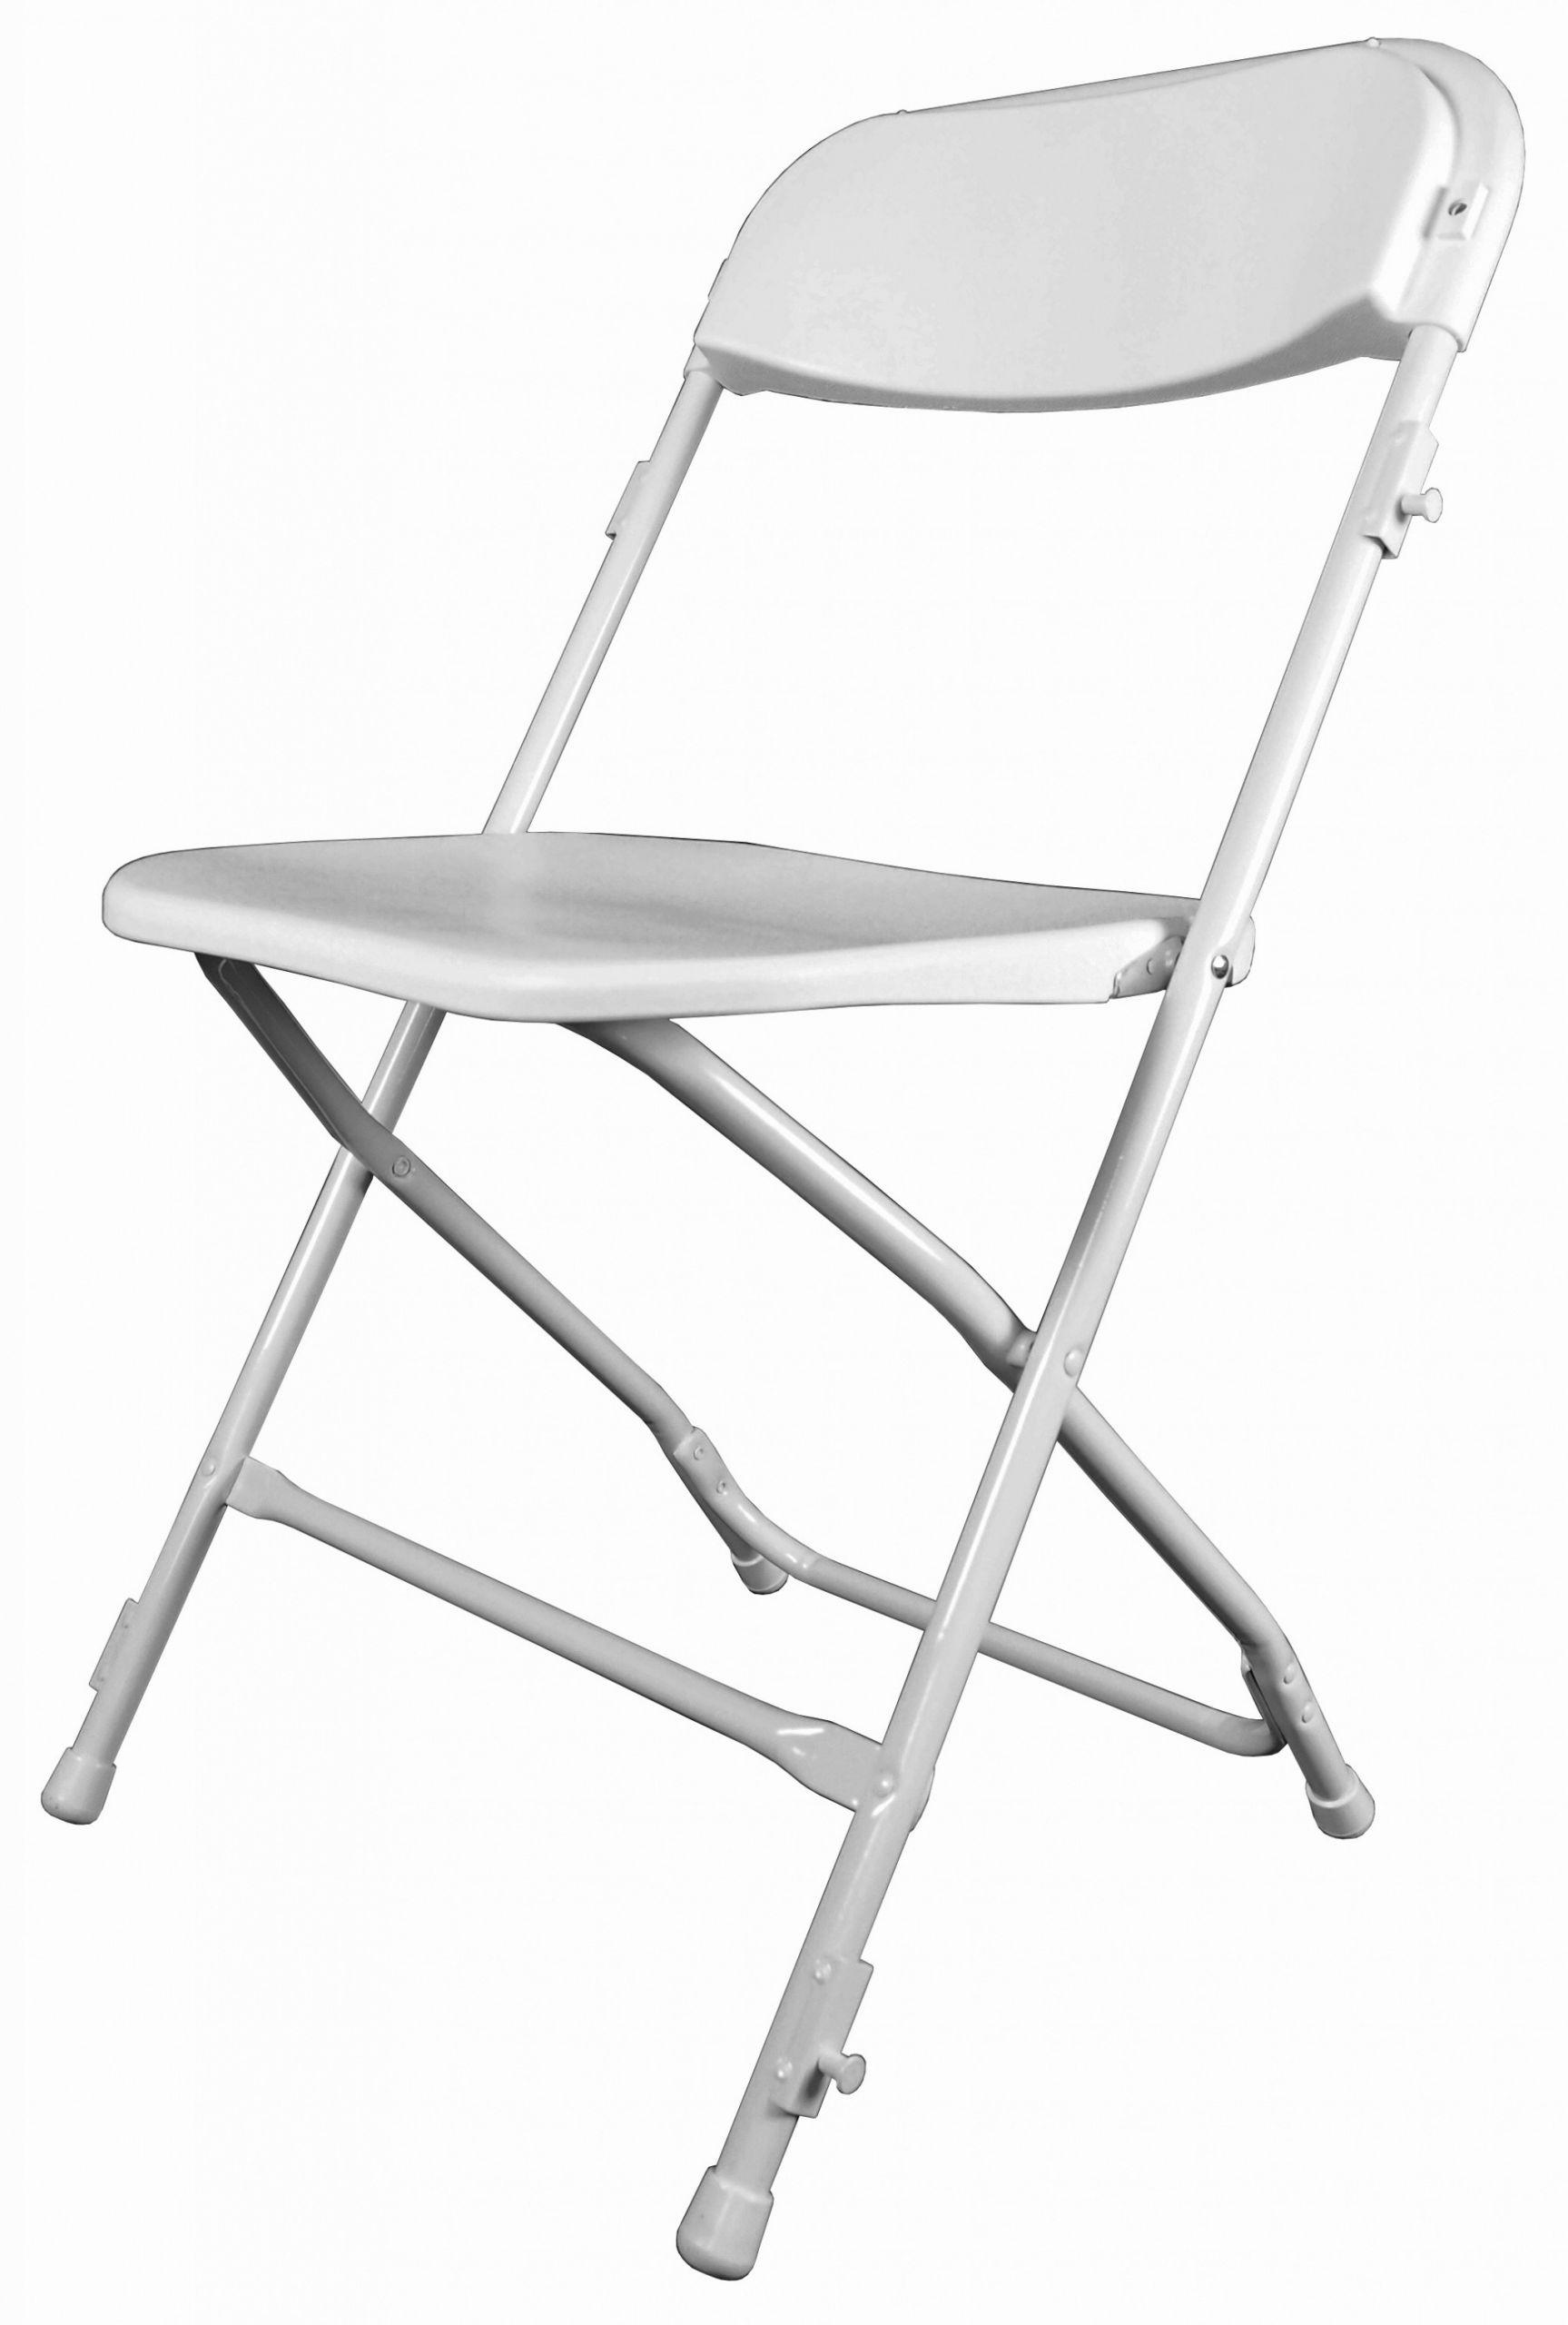 chaise en plexi chaises plexiglas inspirant chaise haute but alinea chaise 0d of chaise en plexi